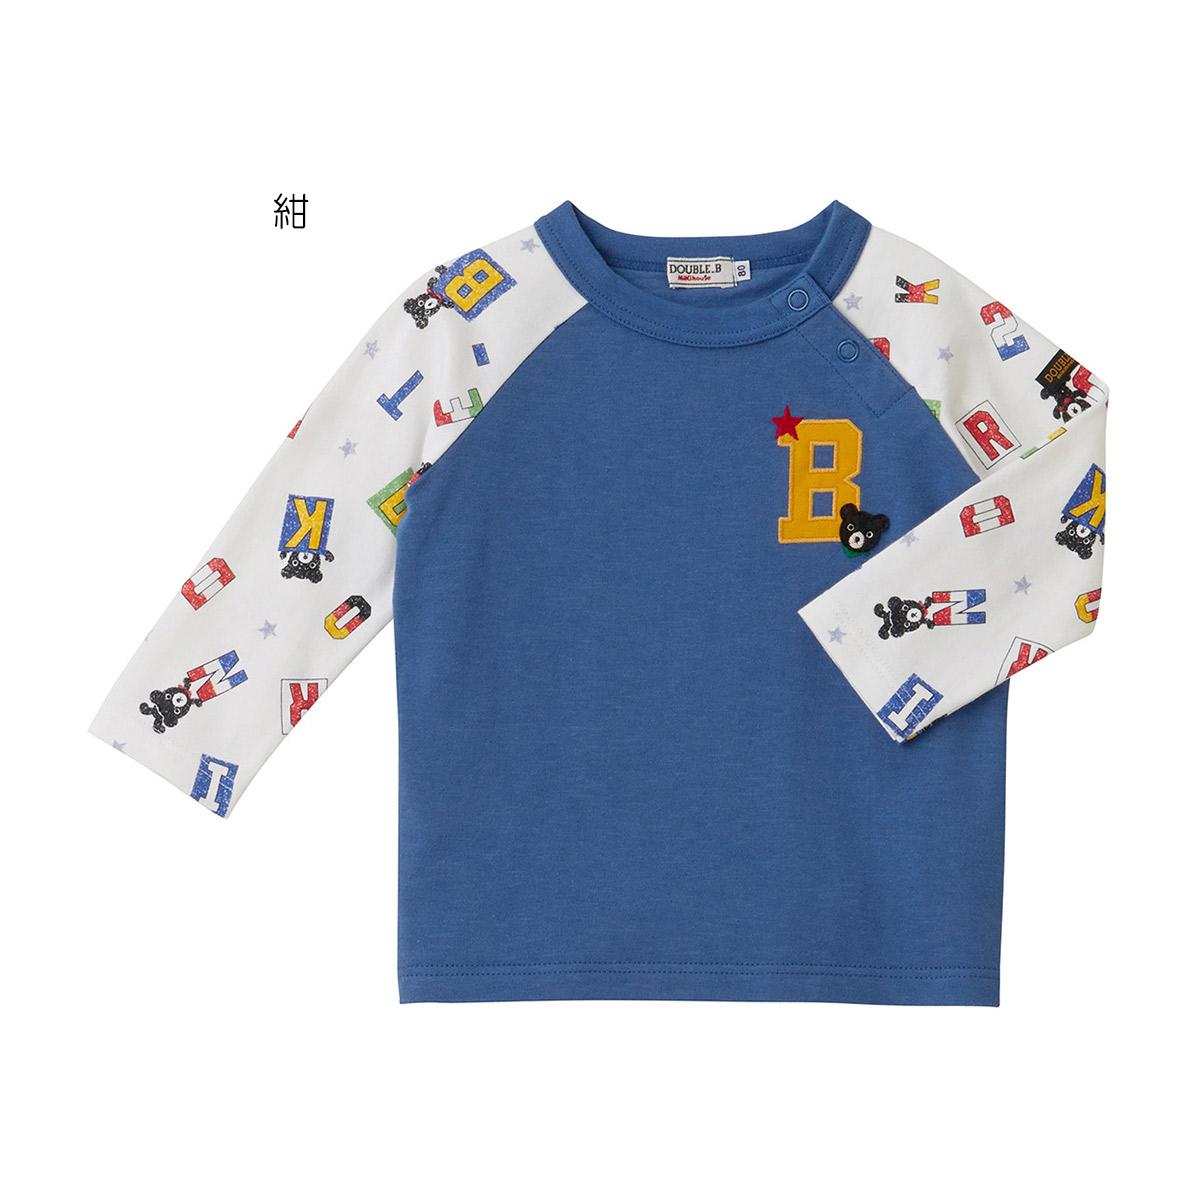 アルファベット柄 総柄 ラグランTシャツ(110.120.130.140cm)【日本製】ミキハウス ダブルビー mikihouse